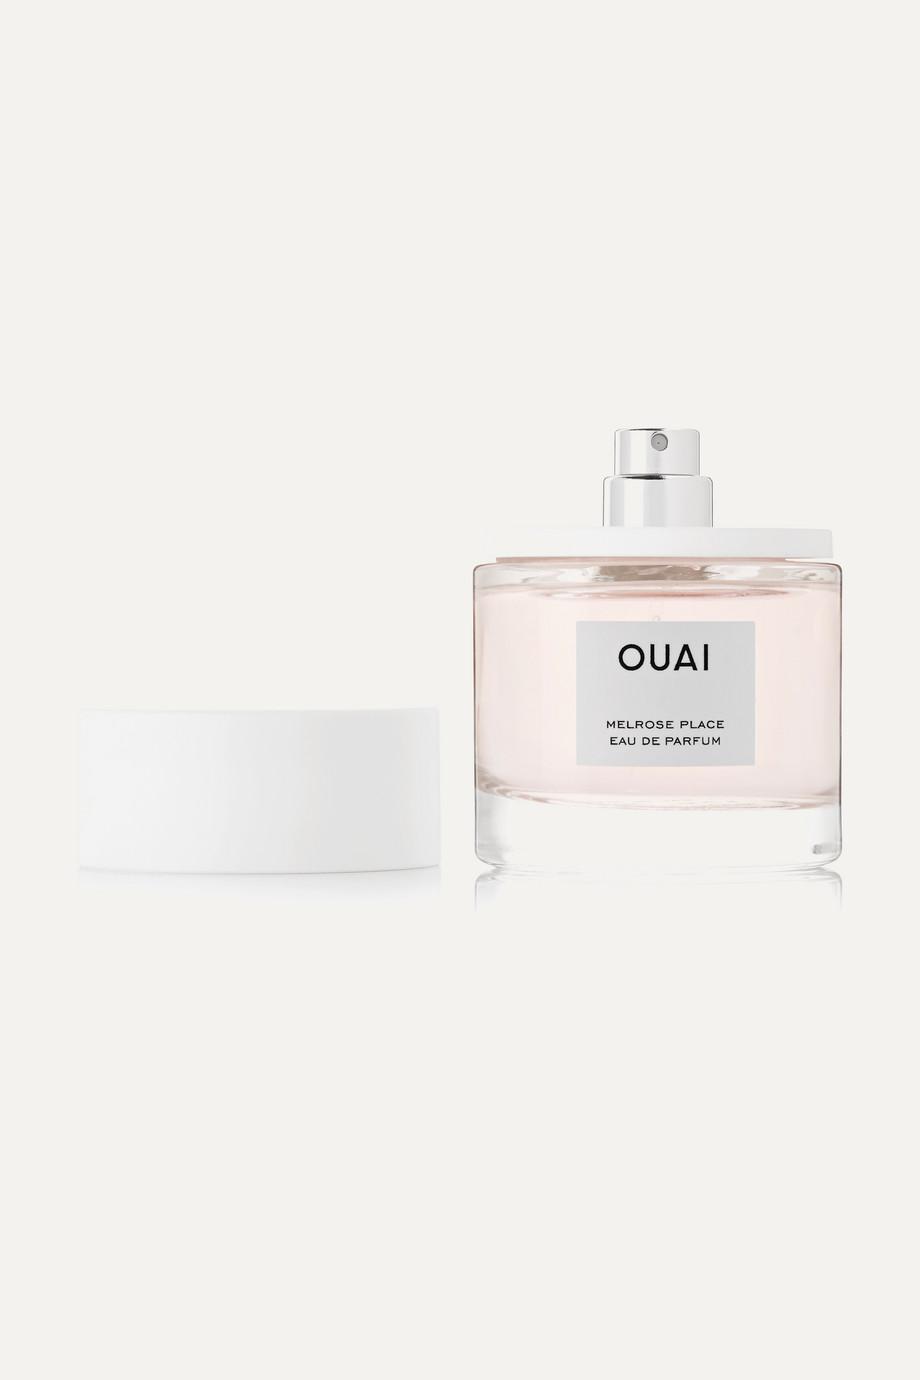 OUAI Haircare Eau de Parfum - Melrose Place, 50ml